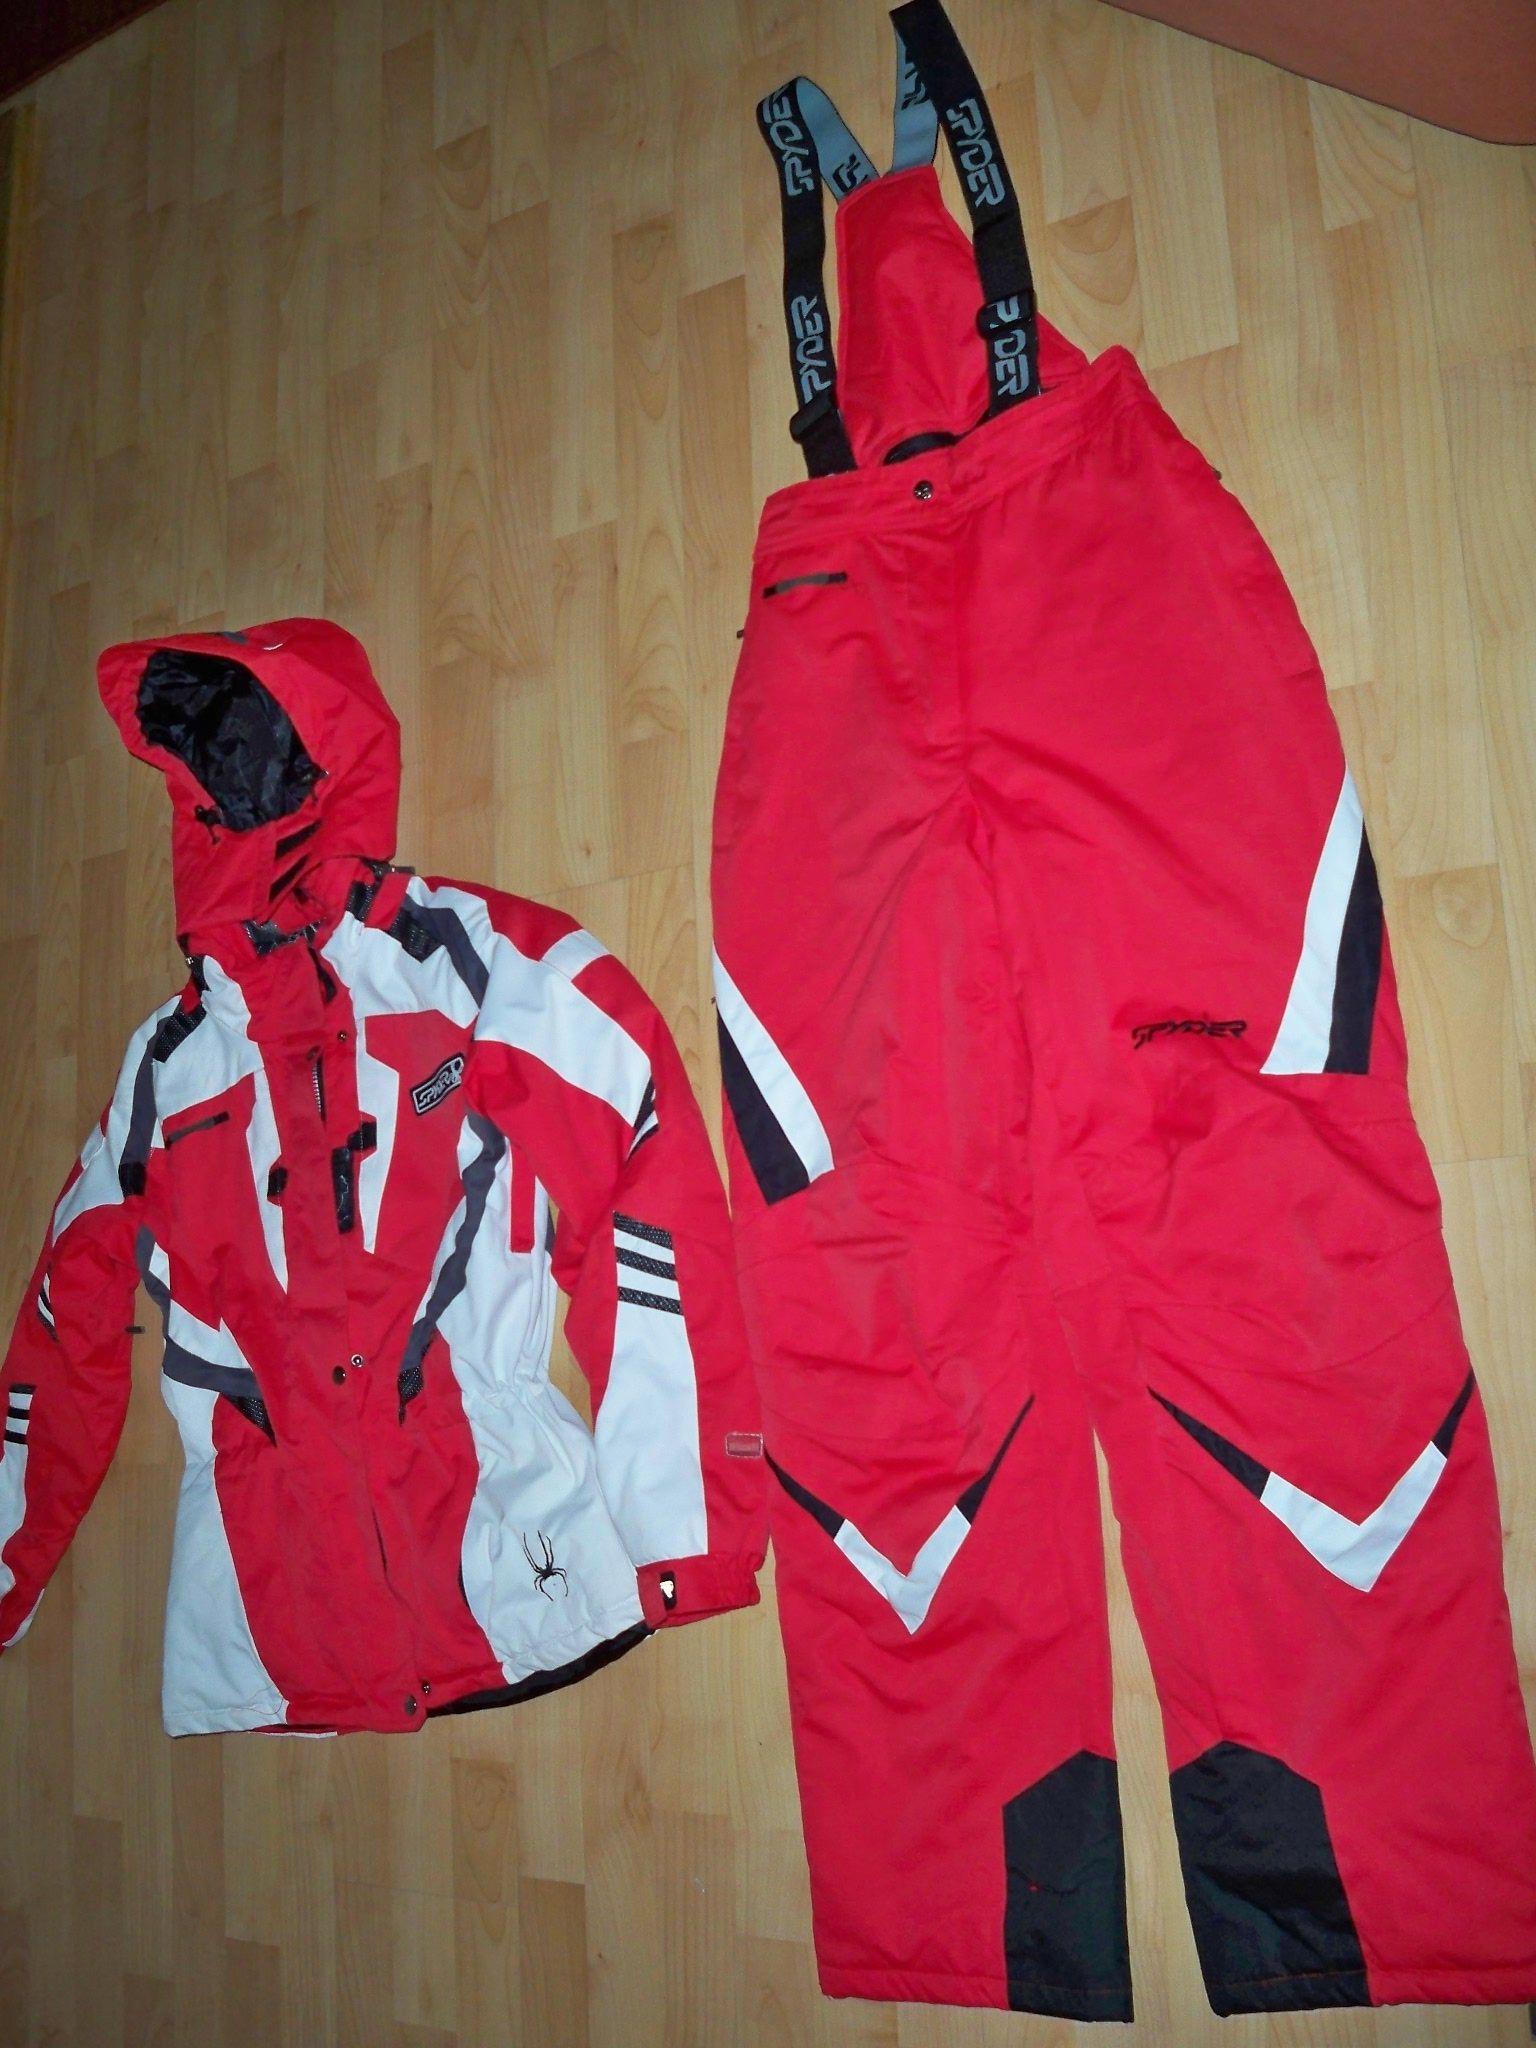 513b5cffb Dámská lyžařská souprava - bazoš, bazar, inzerce